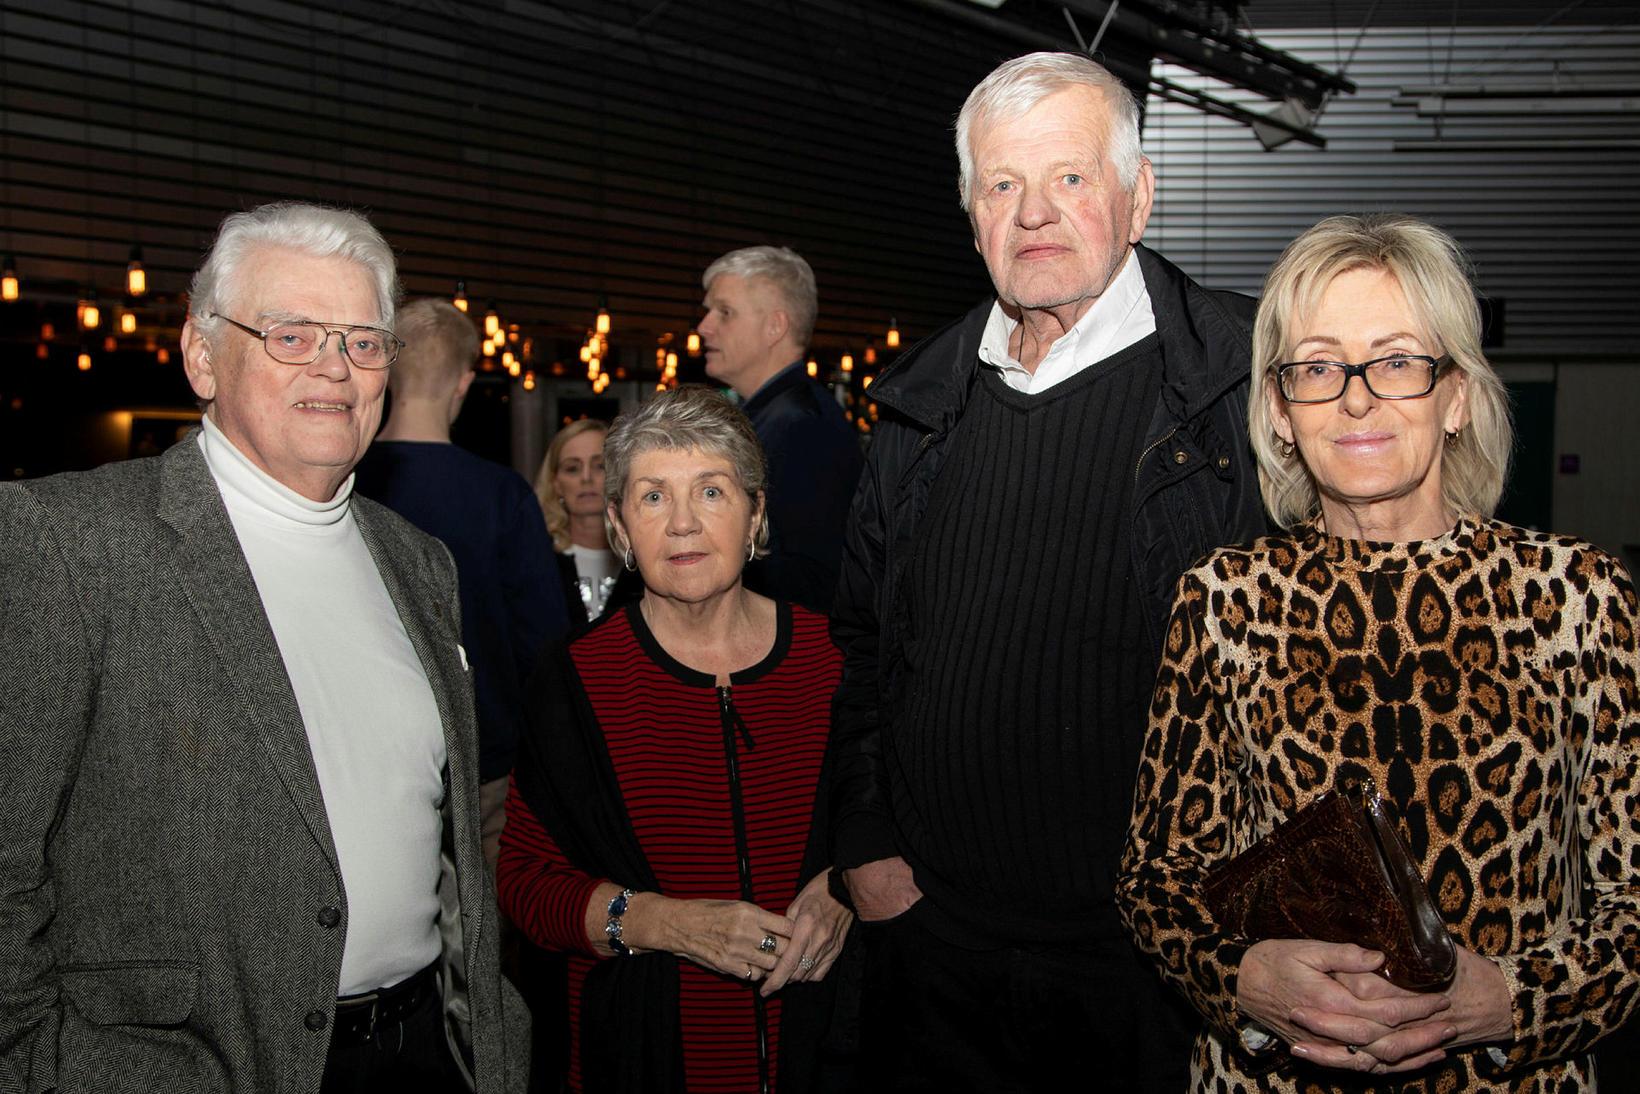 Baldvin Einarsson, Guðrún Ingibersdóttir, Hreinn Halldórsson og Katrín Sól.